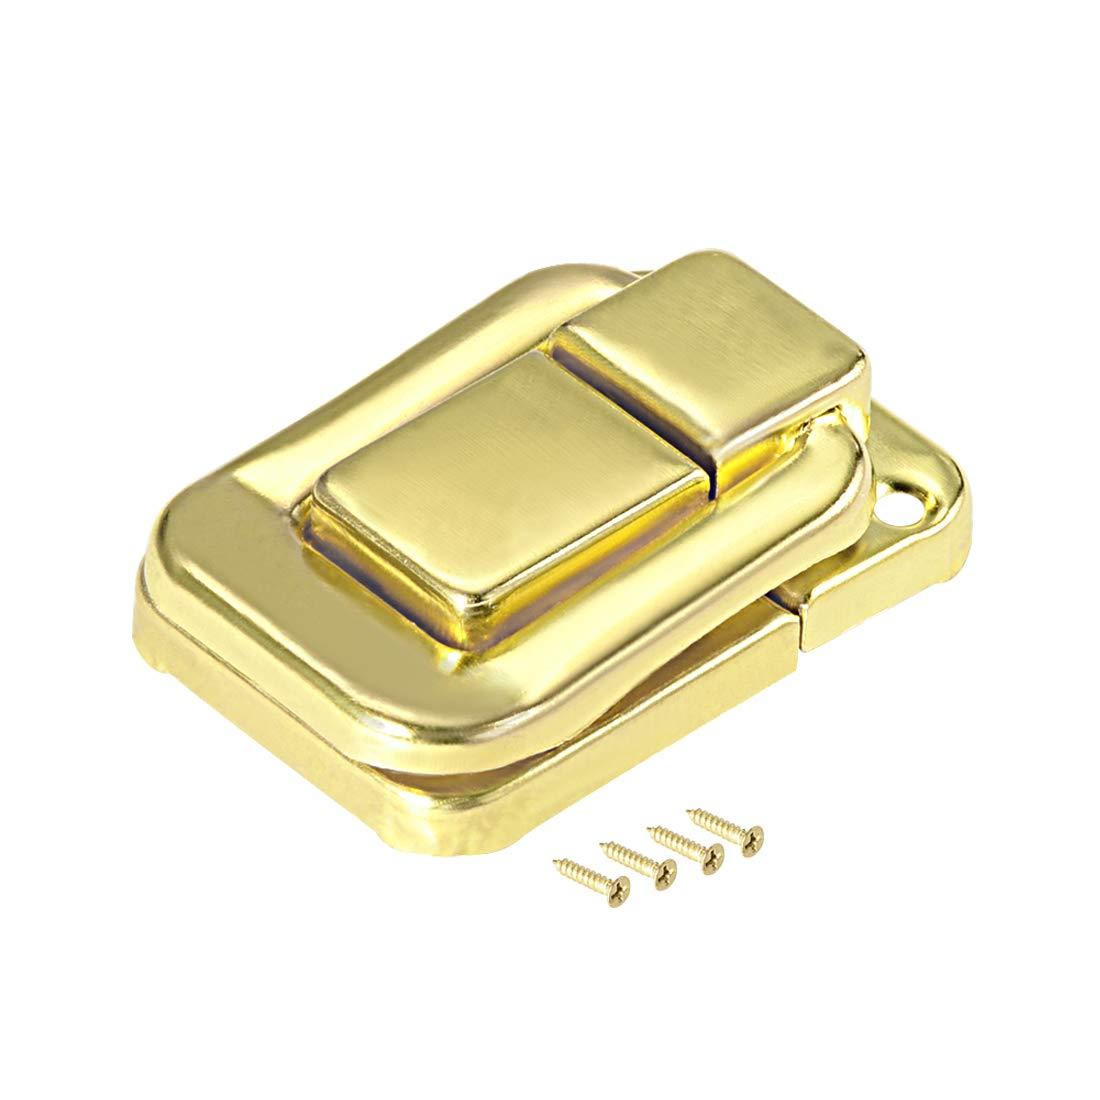 sourcing map Pestillo basculante 40mm Amarillo Broche de cierre de maleta decorativo de joyas 2 PCS